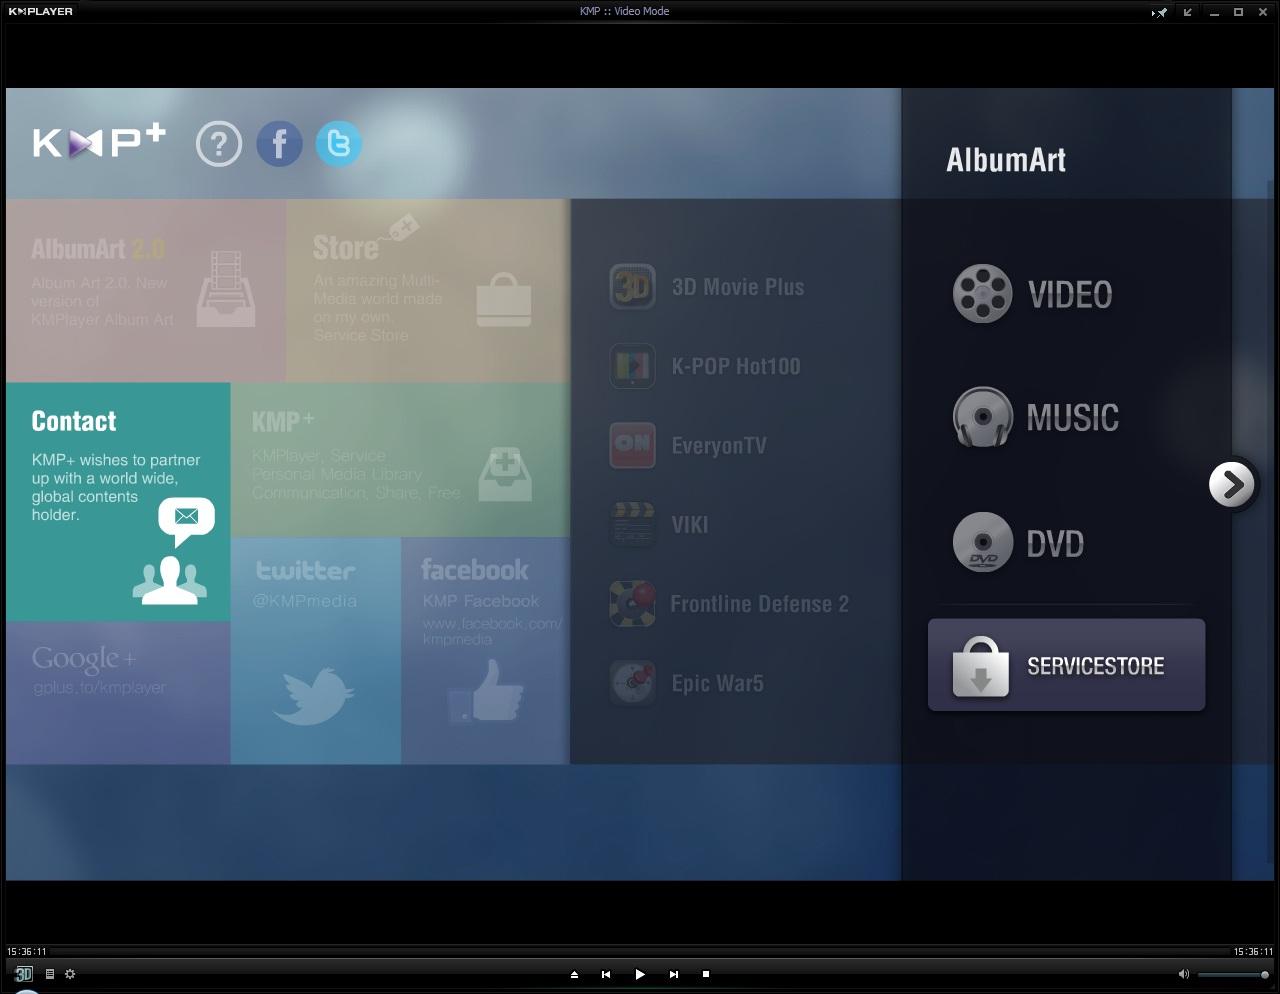 10 phần mềm nghe nhạc miễn phí tốt nhất: KMPlayer, VLC, Foobar